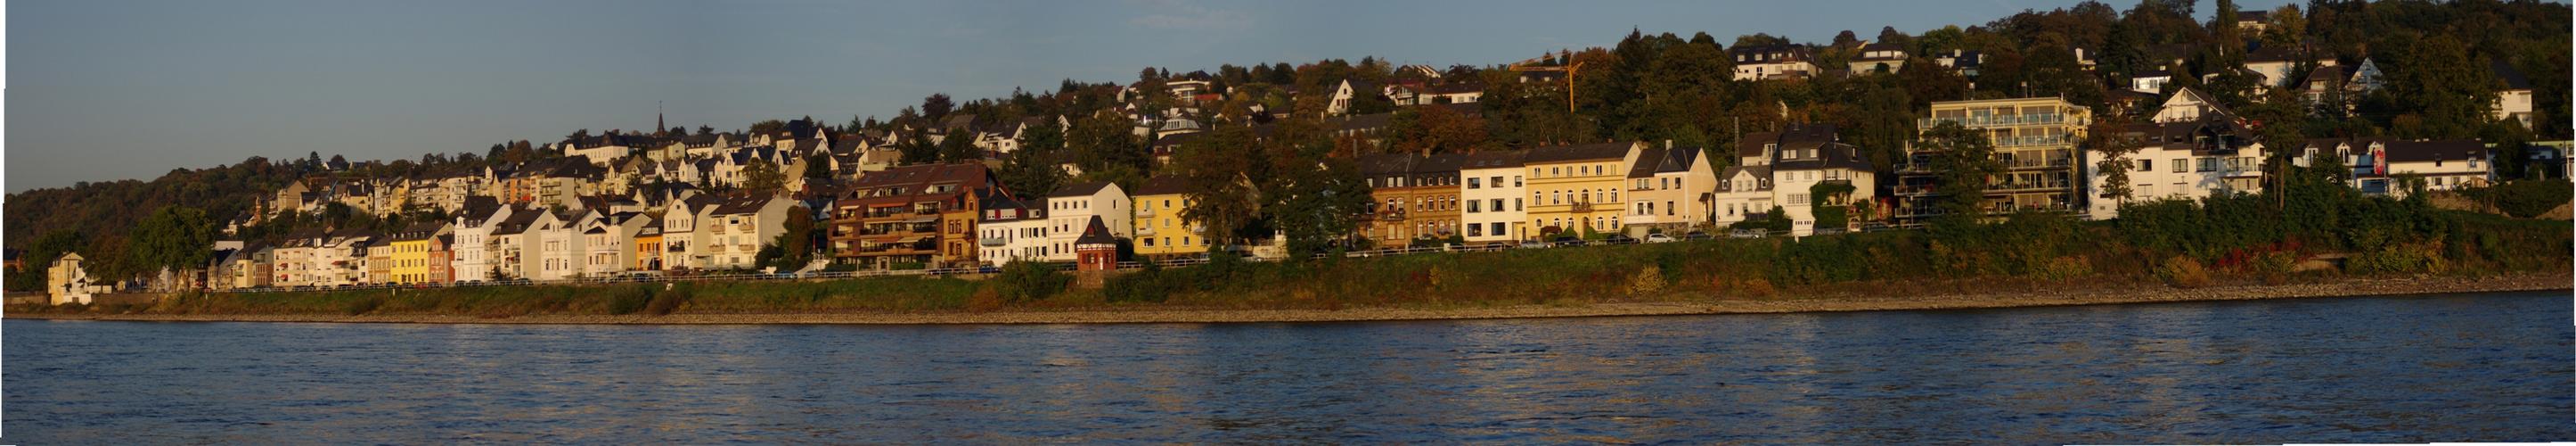 Pfaffendorff auch Rheinisches Nizza